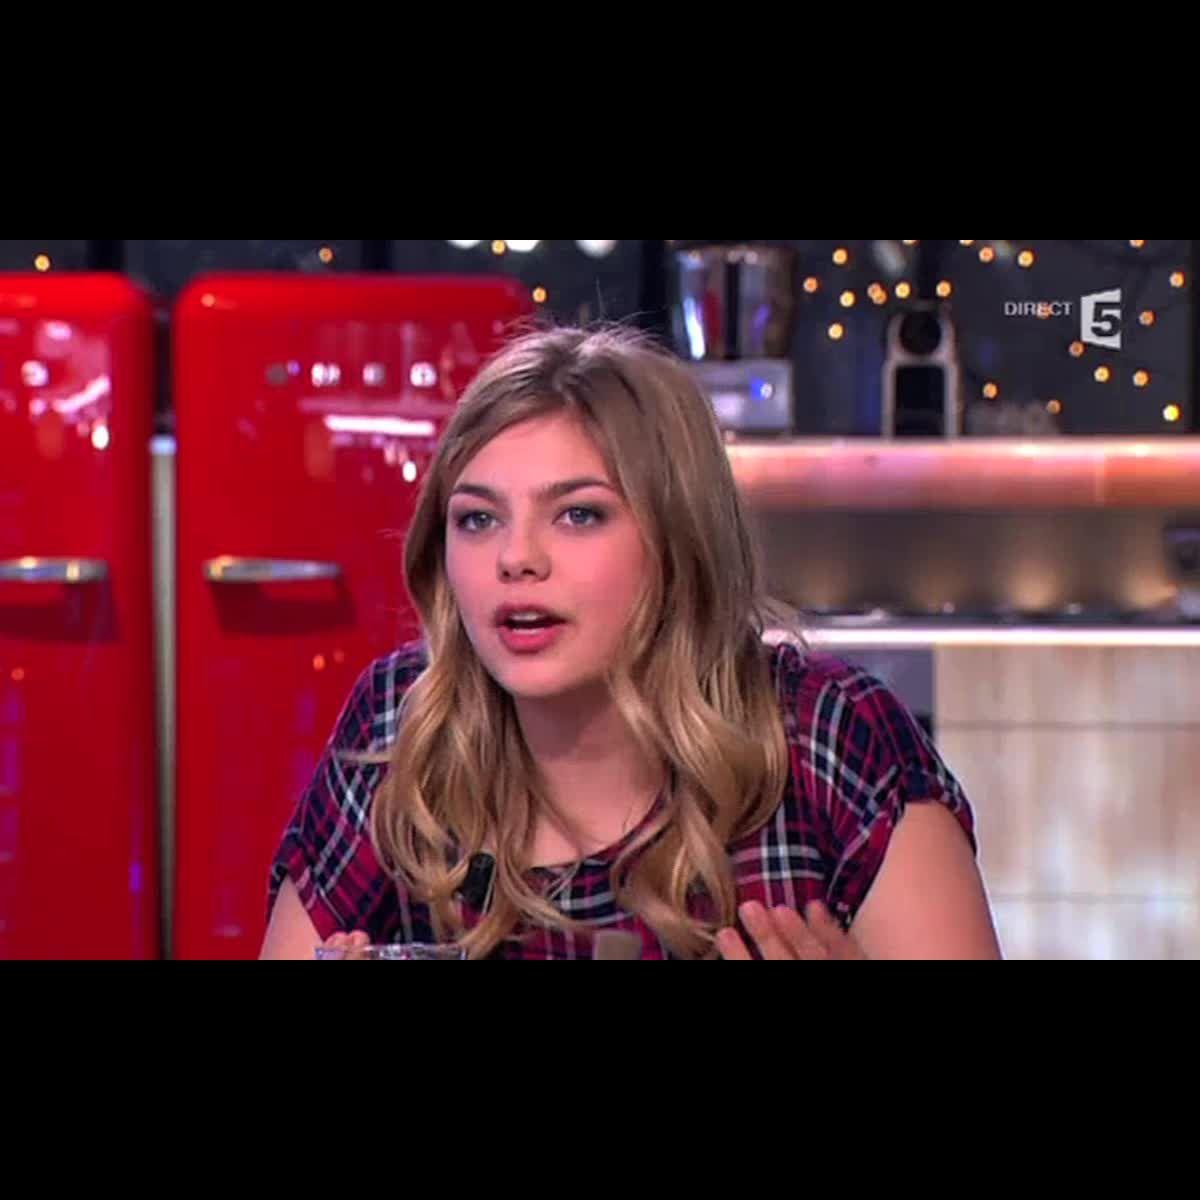 Louane dans c vous sur france 5 vid o puremedias - France 5 ca vous ...